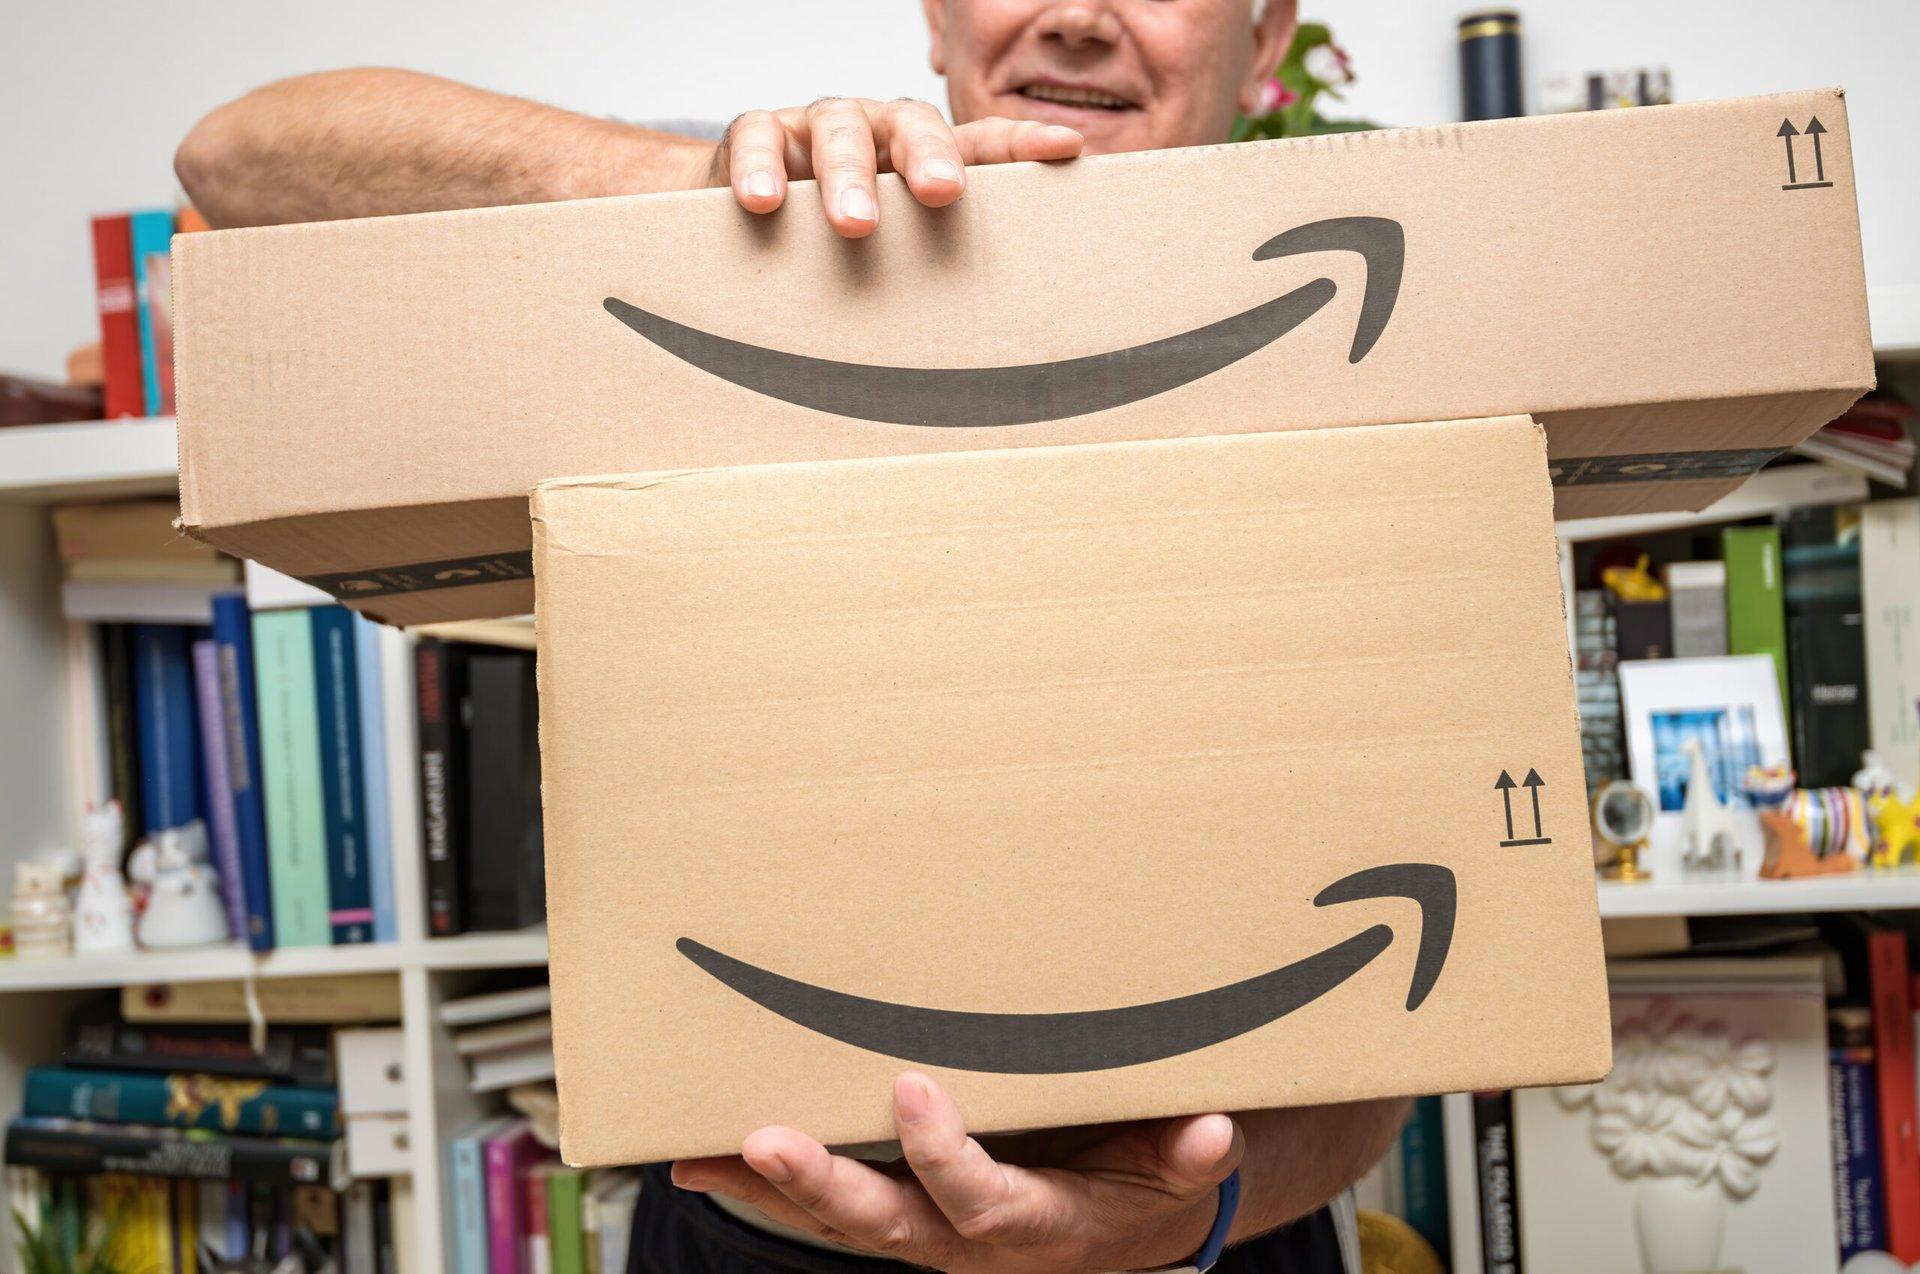 Amazon Prime parcel